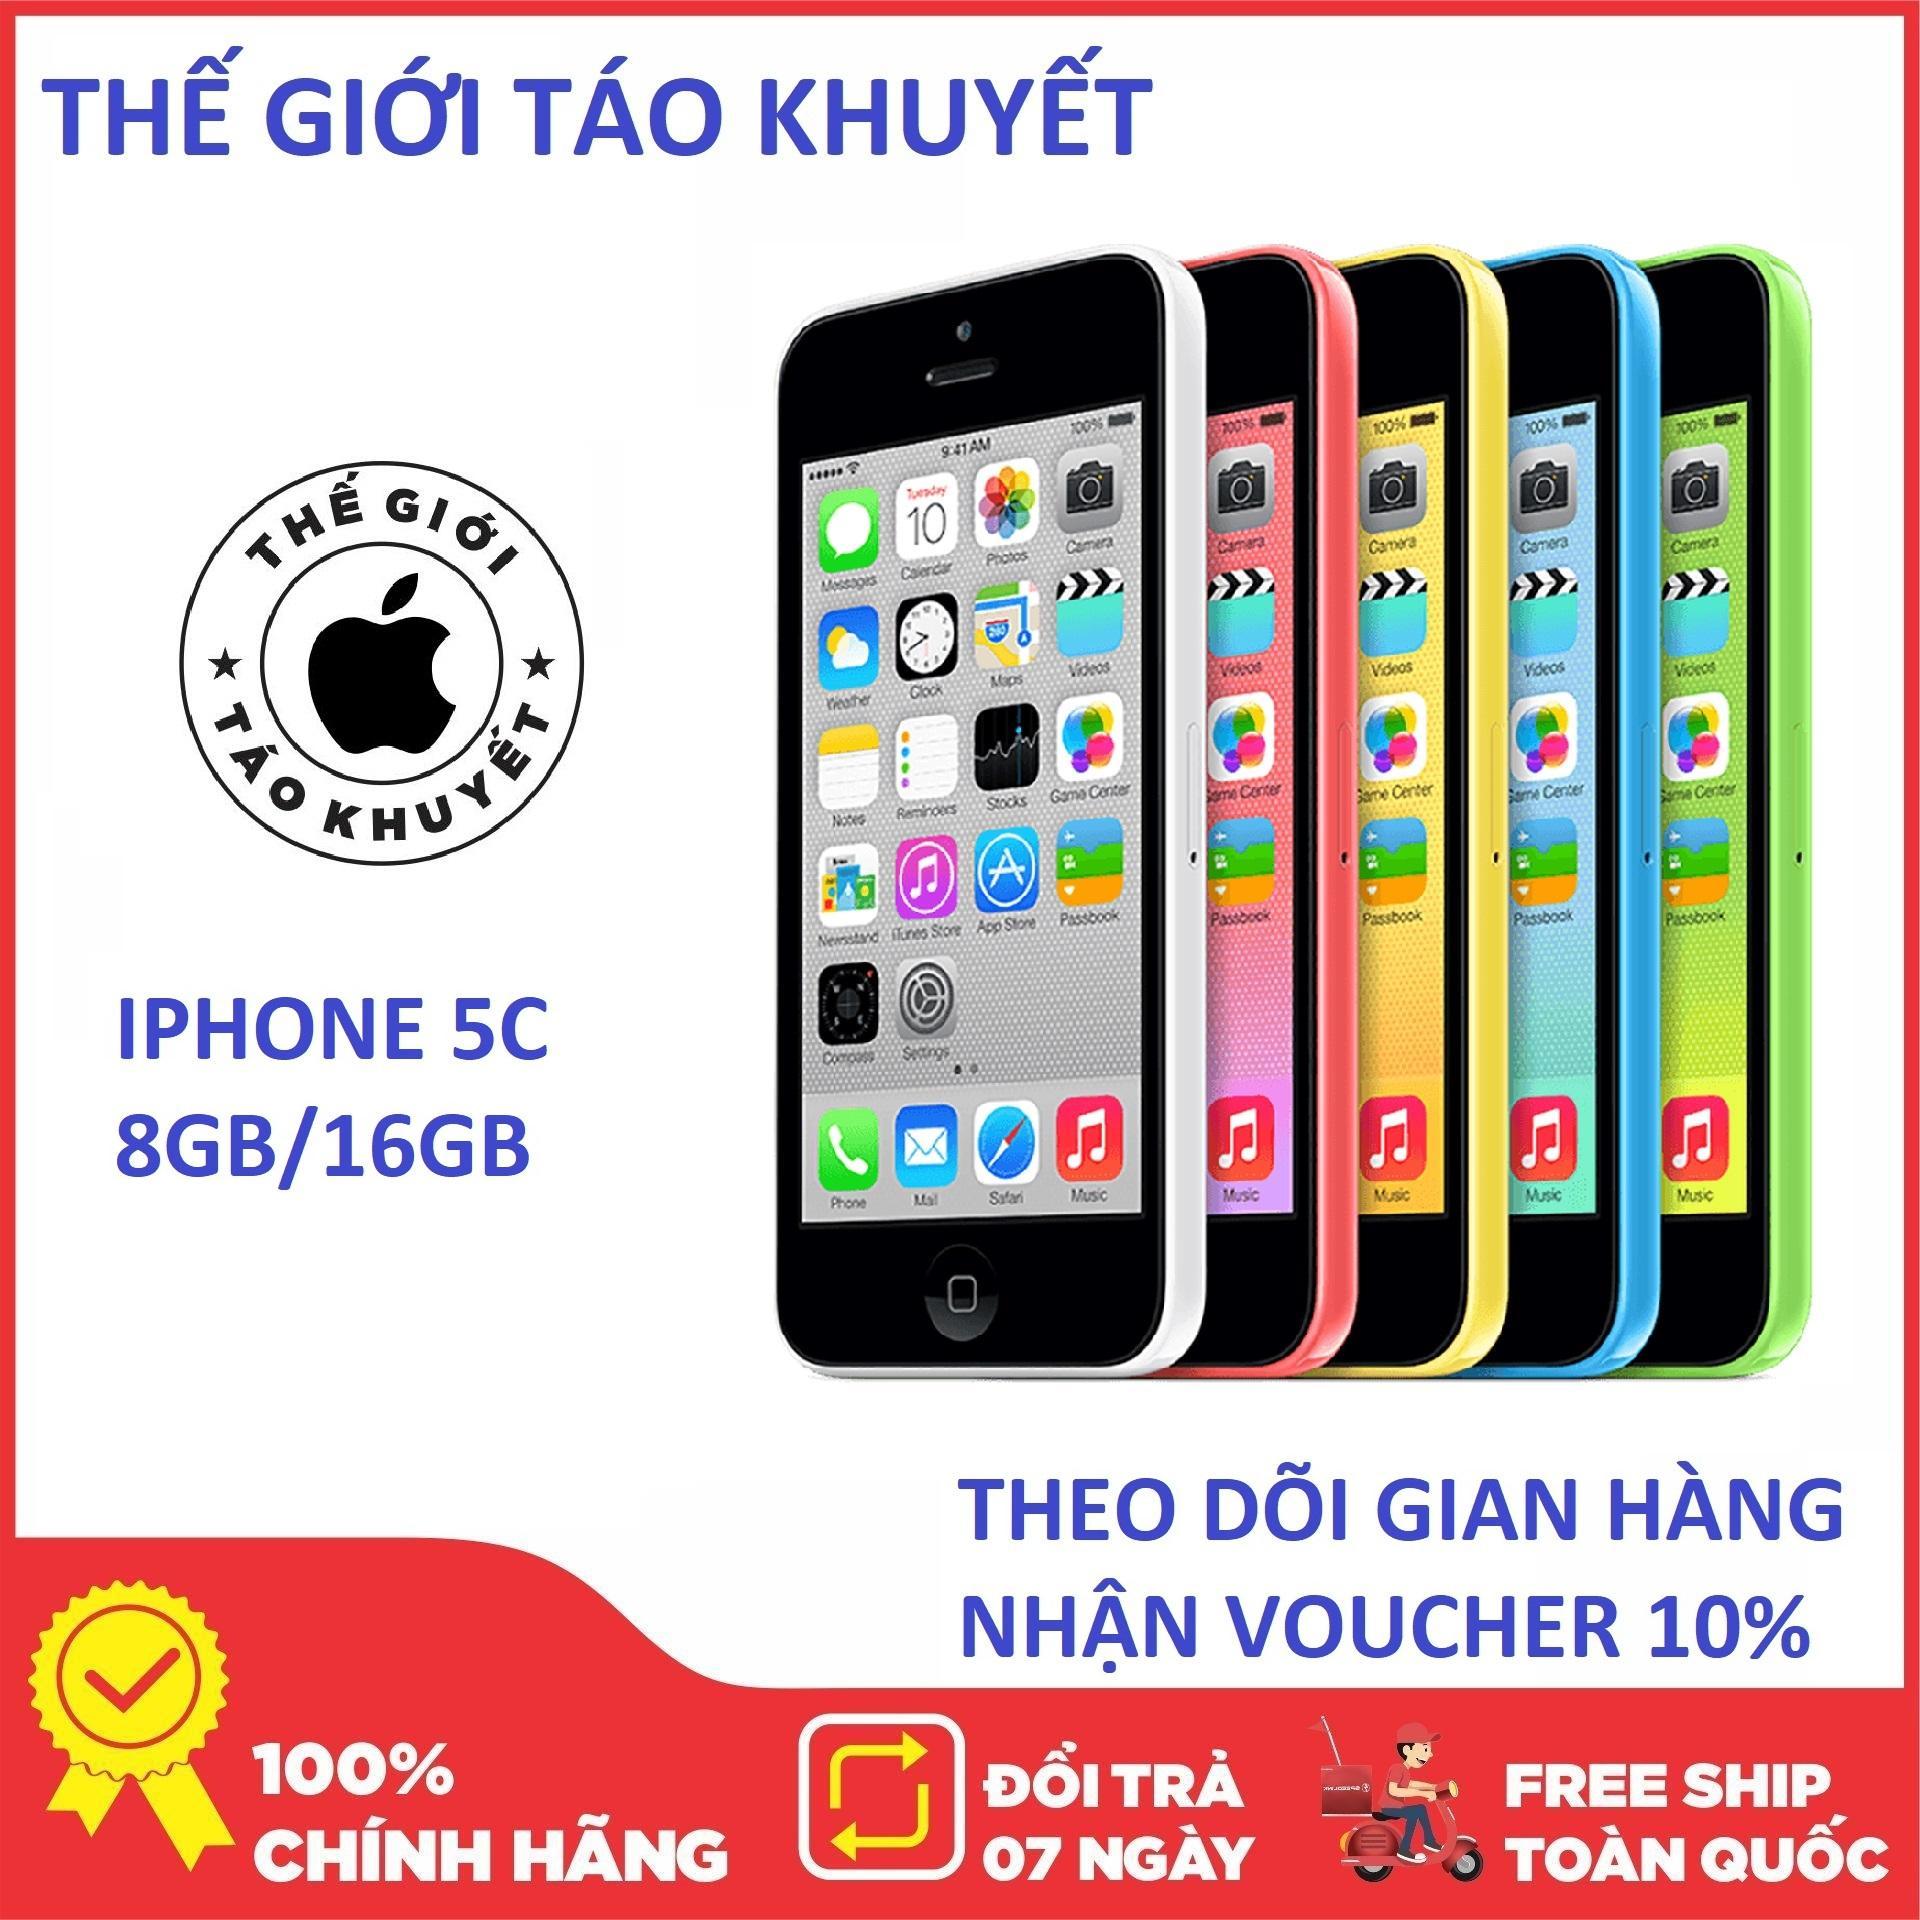 Điện thoại Apple IPHONE 5 C ZIN KENG - 16GB/8GB - Bảo hành 12T - Giá rẻ - Tặng cáp củ sạc - Thế Giới Táo Khuyết